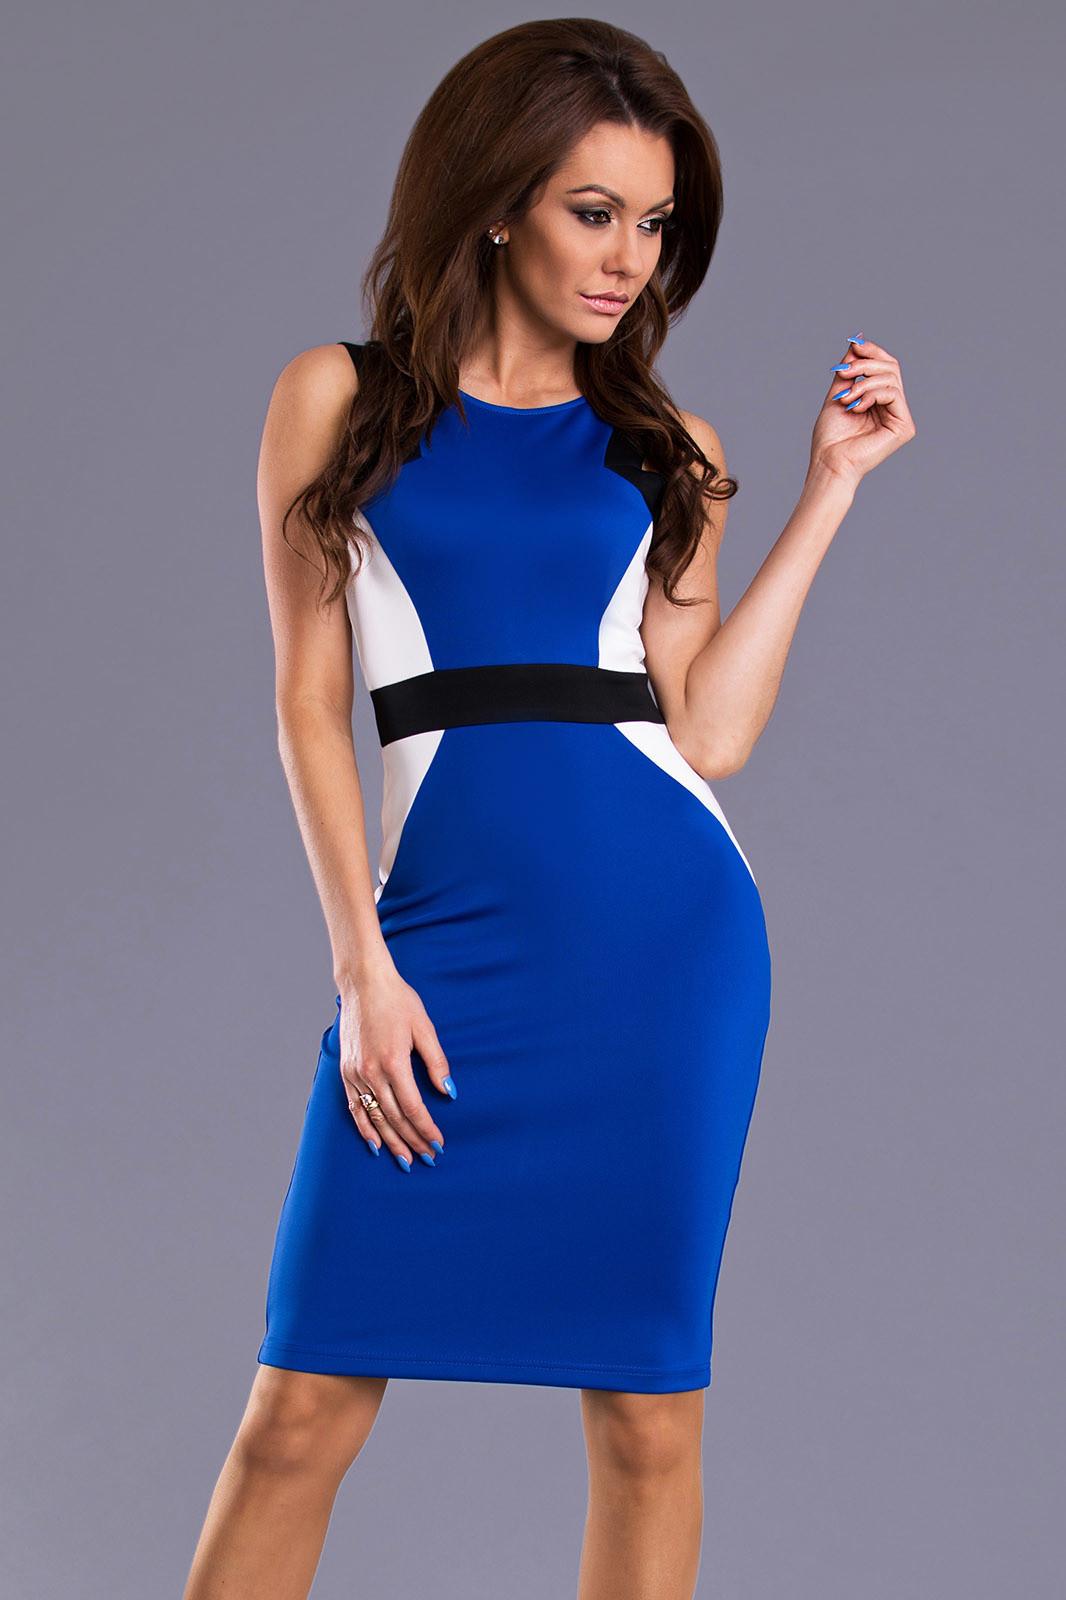 Dámské značkové společenské a párty šaty EMAMODA středně dlouhé modrá L